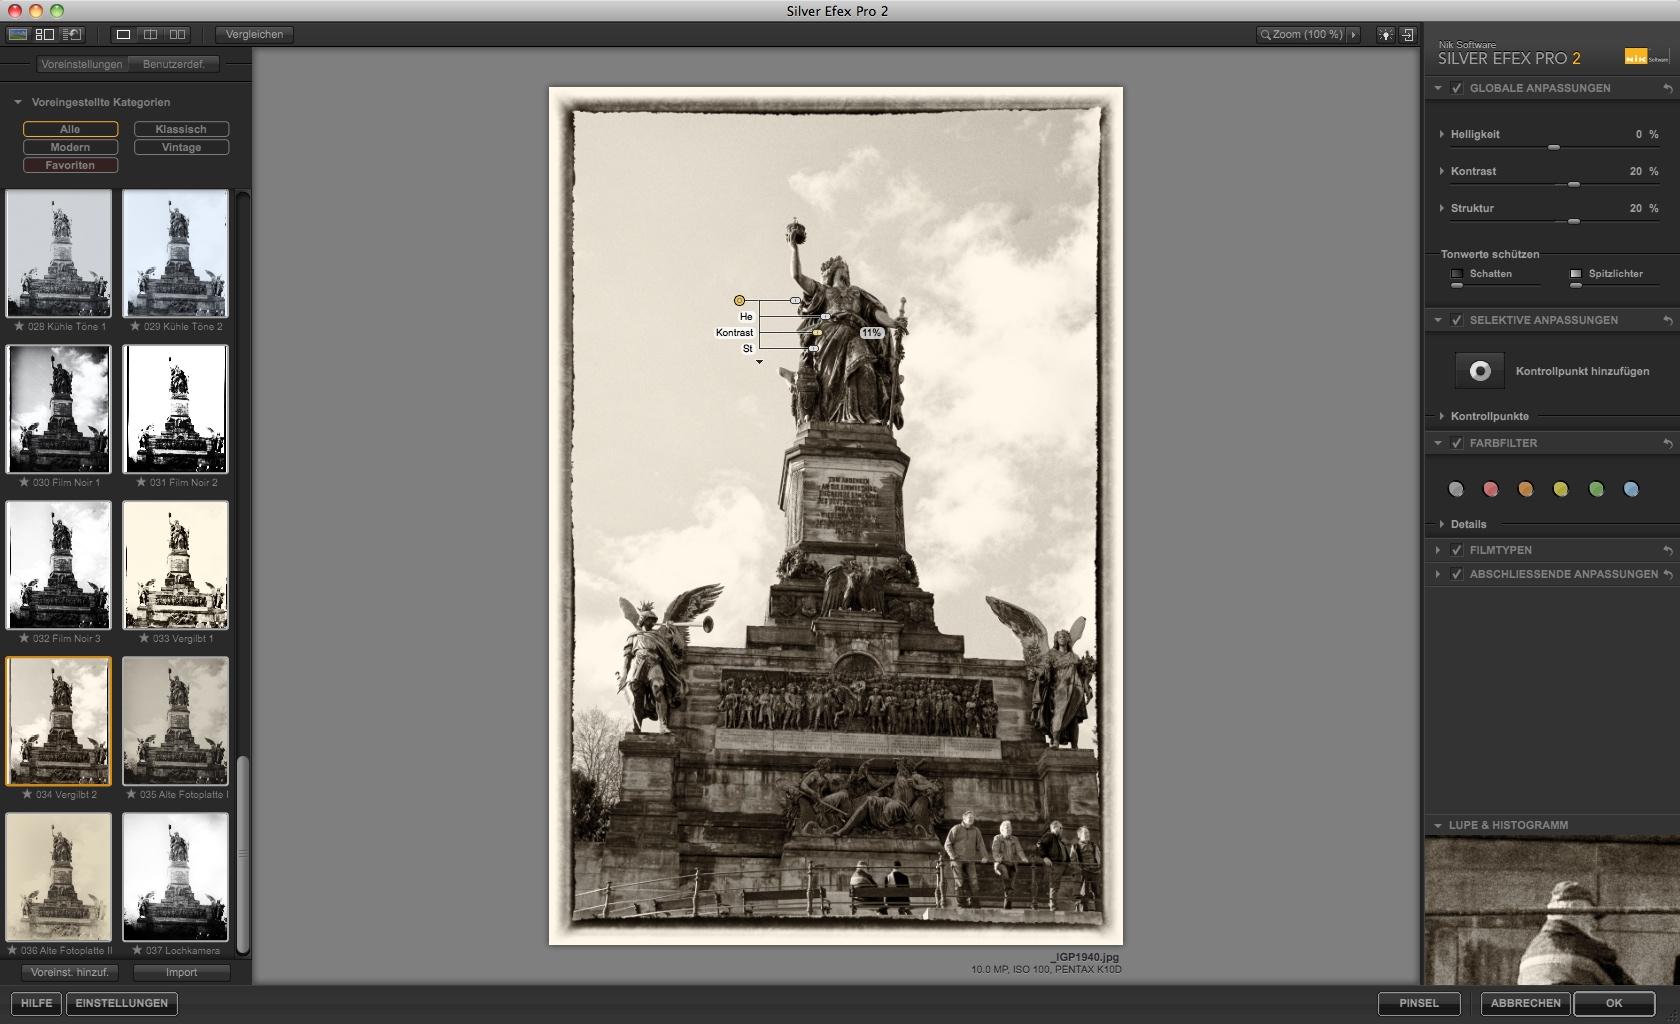 Nik Software: Bildbearbeitung für Schwarz-Weiß-Fotos - Silver Efex Pro 2 - Effekt vergilbtes Foto (Foto: Andreas Donath)